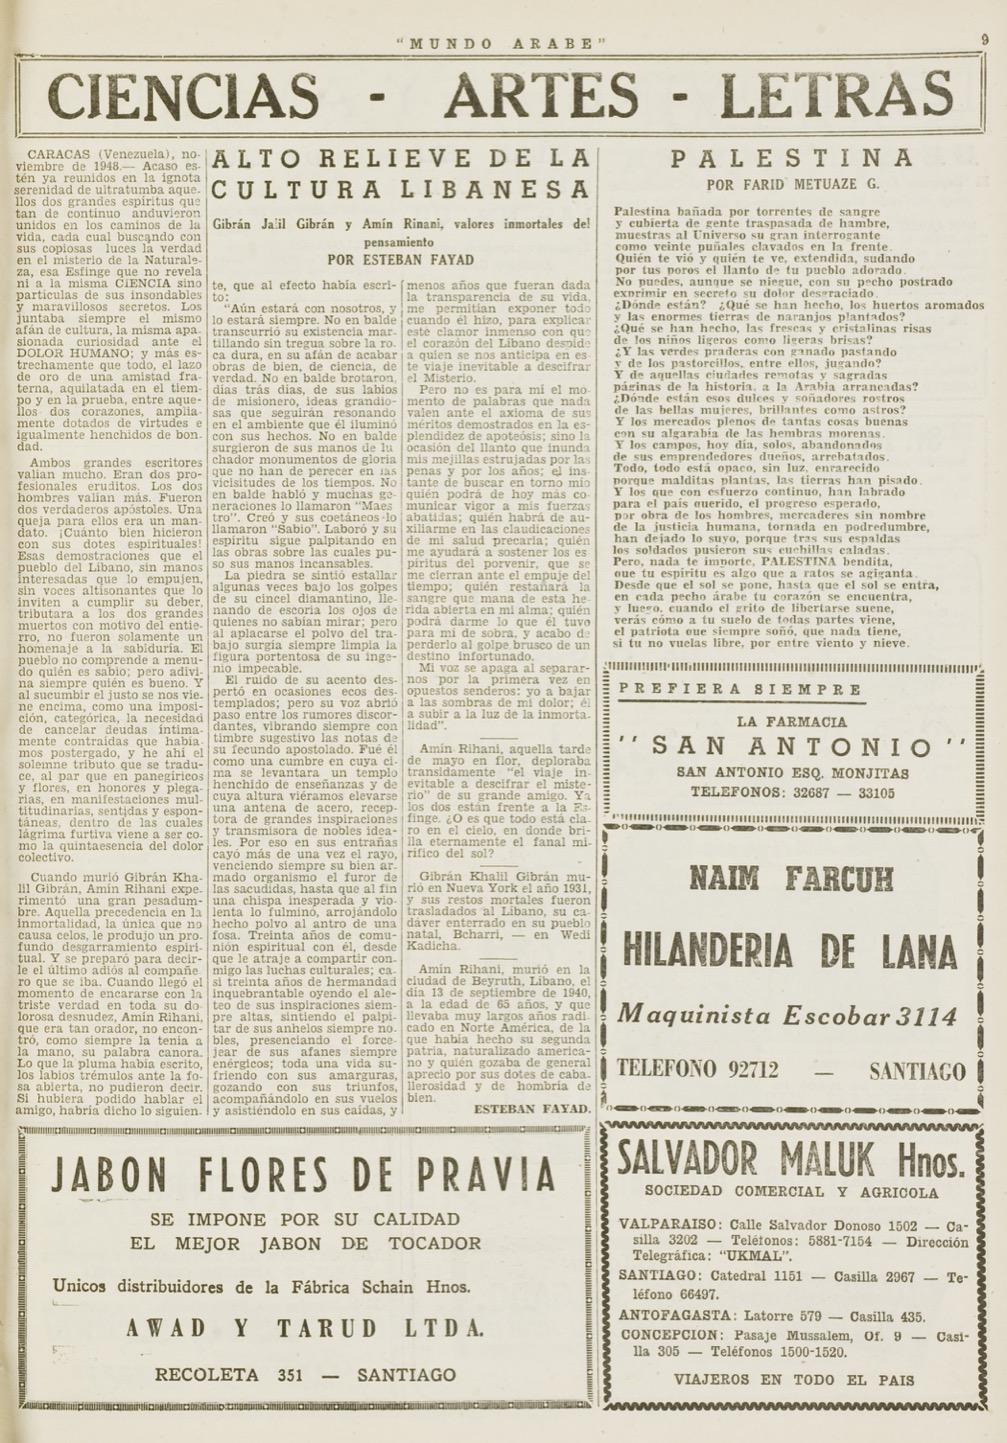 """Esteban Fayad, """"Alto relieve de la cultura libanasa: Gibrán Jalil Gibrán y Amin Rihani, valores inmortales del pensamiento"""", Mundo Árabe, Jan 20, 1950, p. 9."""